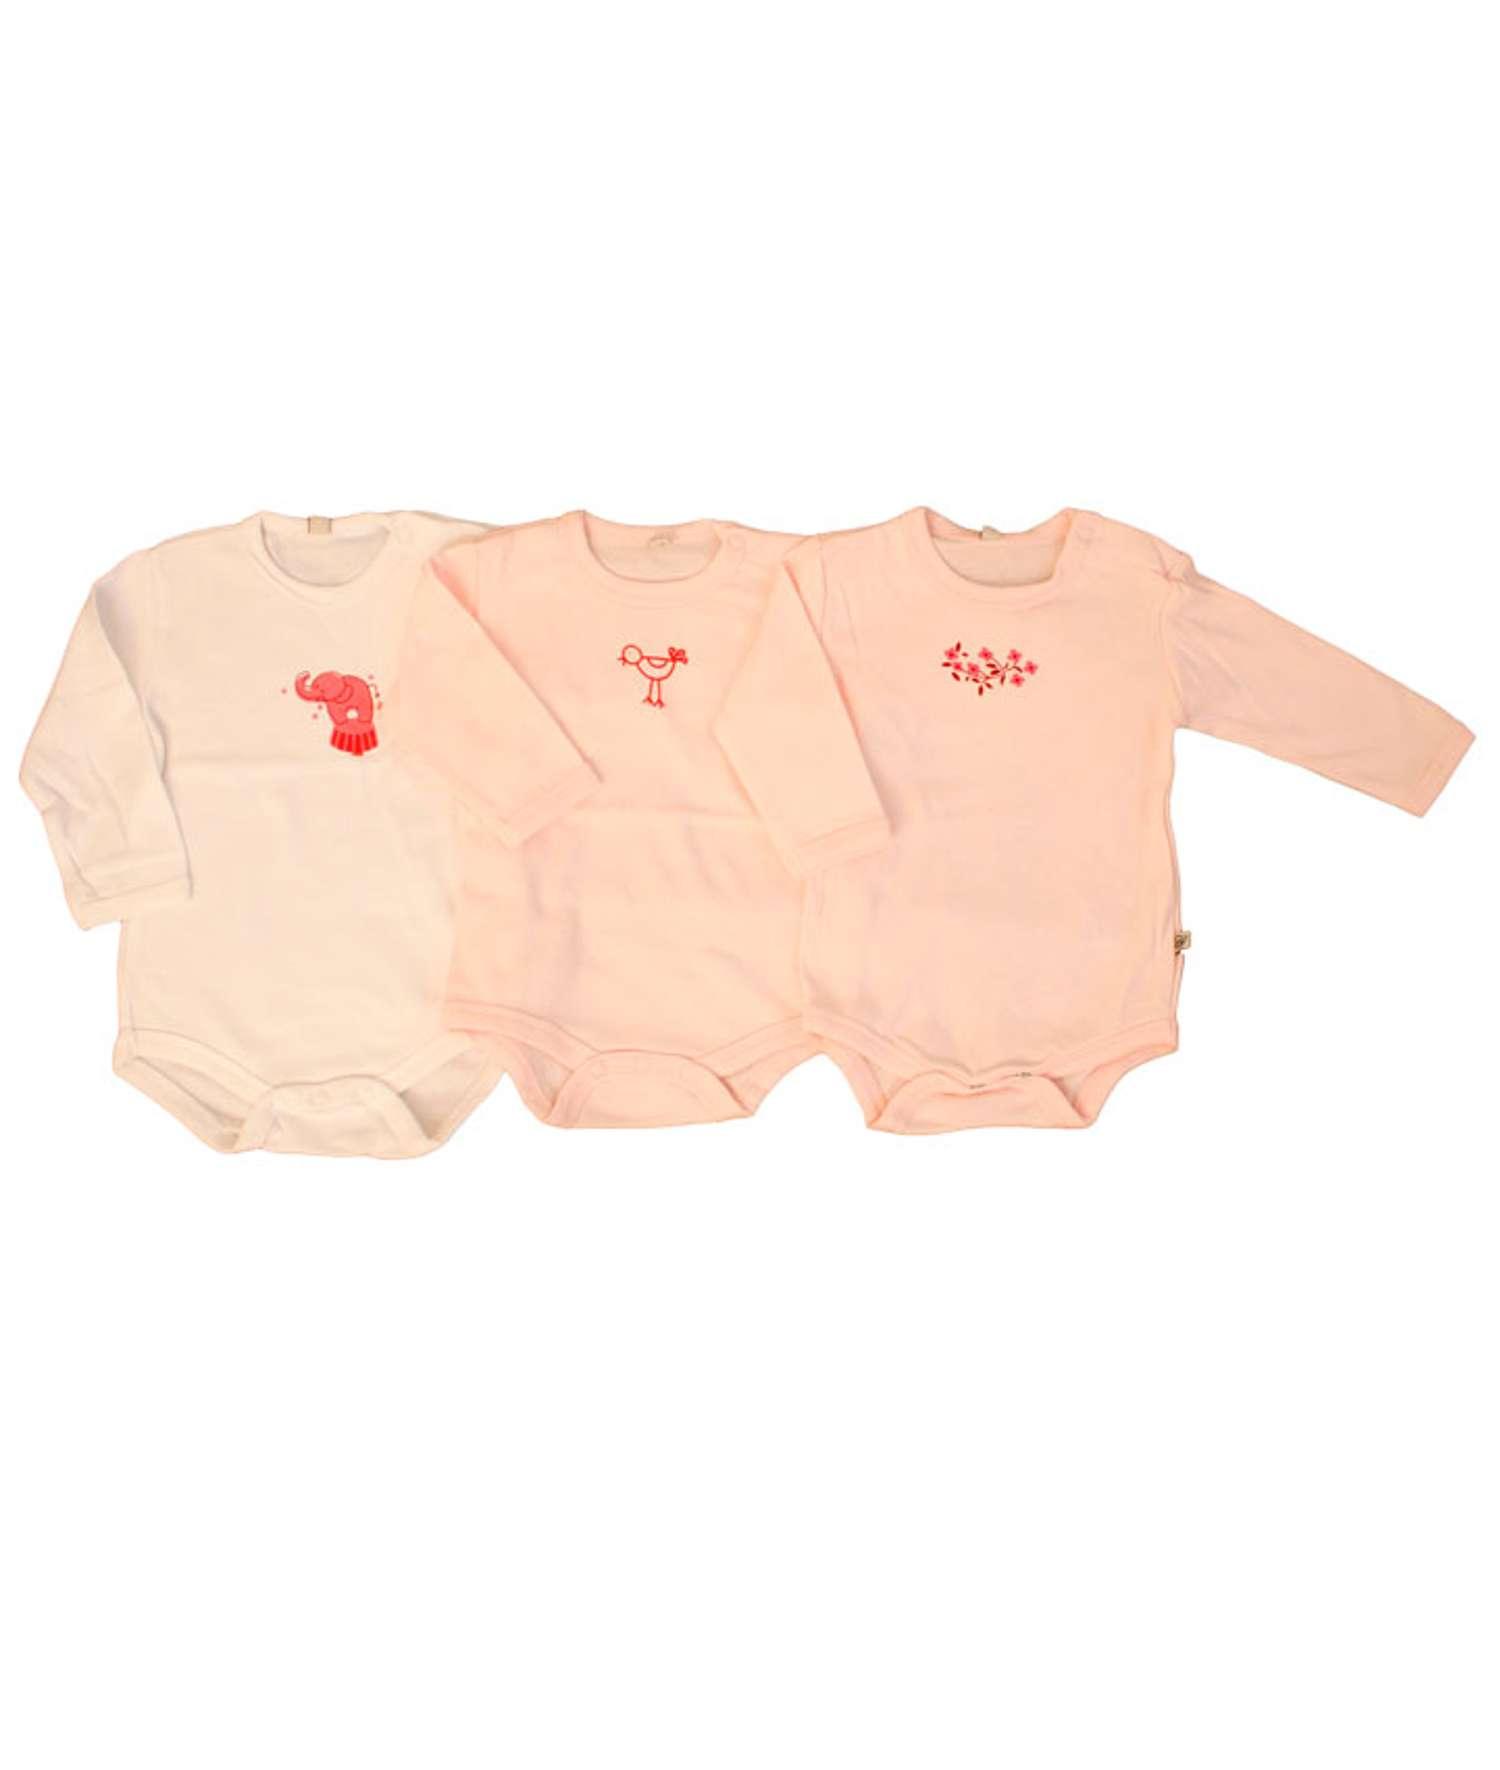 Pippi - Body langærmet - Rosa - Størrelse 62